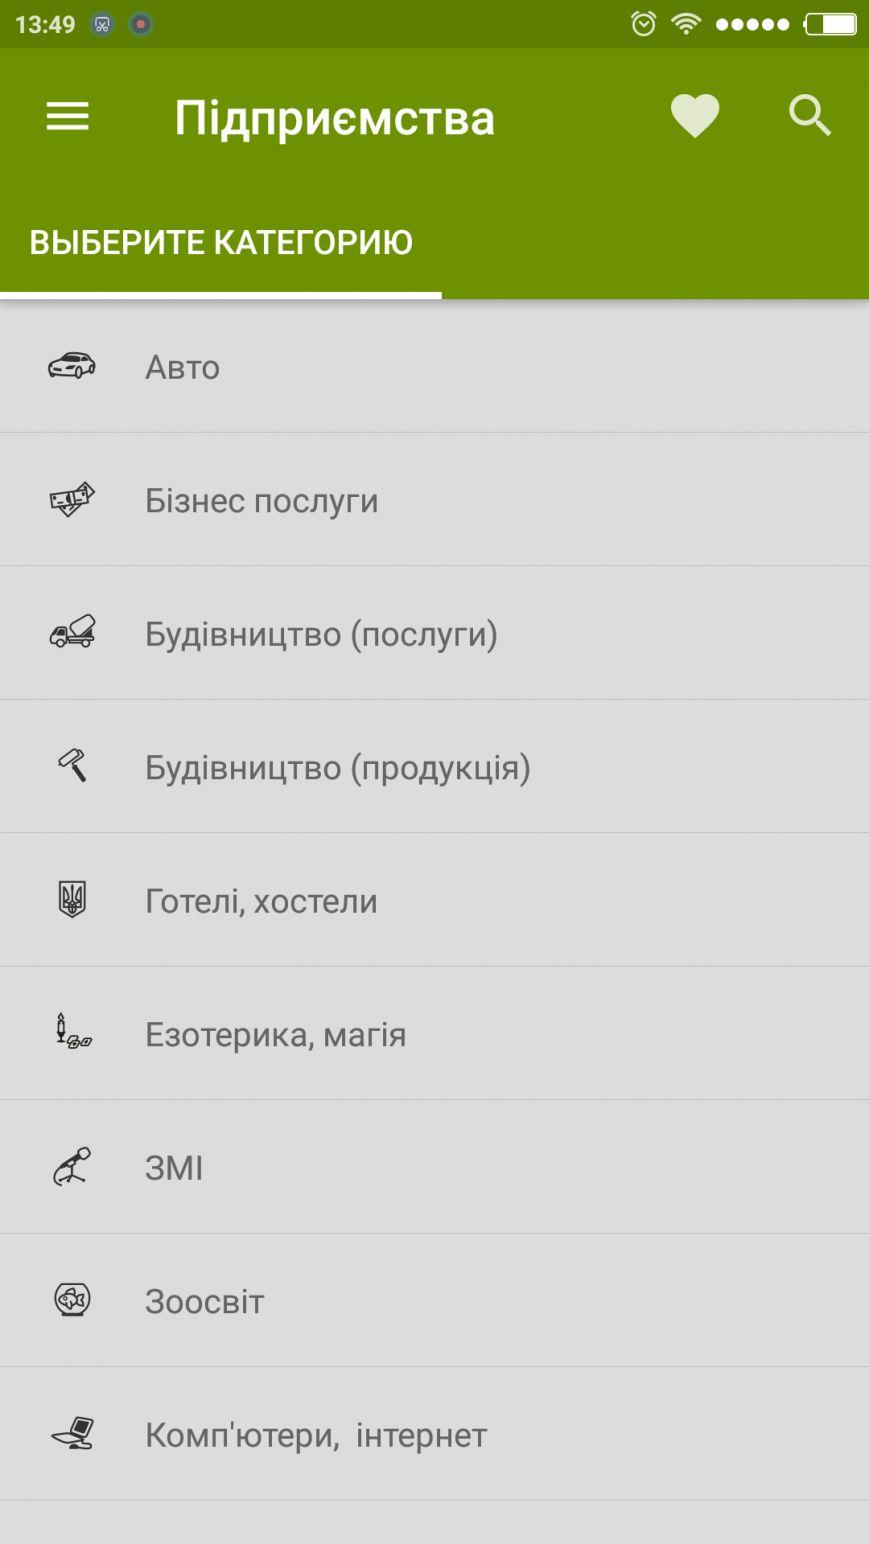 Screenshot_2017-01-23-13-49-50_ua.com.citysites.uzhgorod